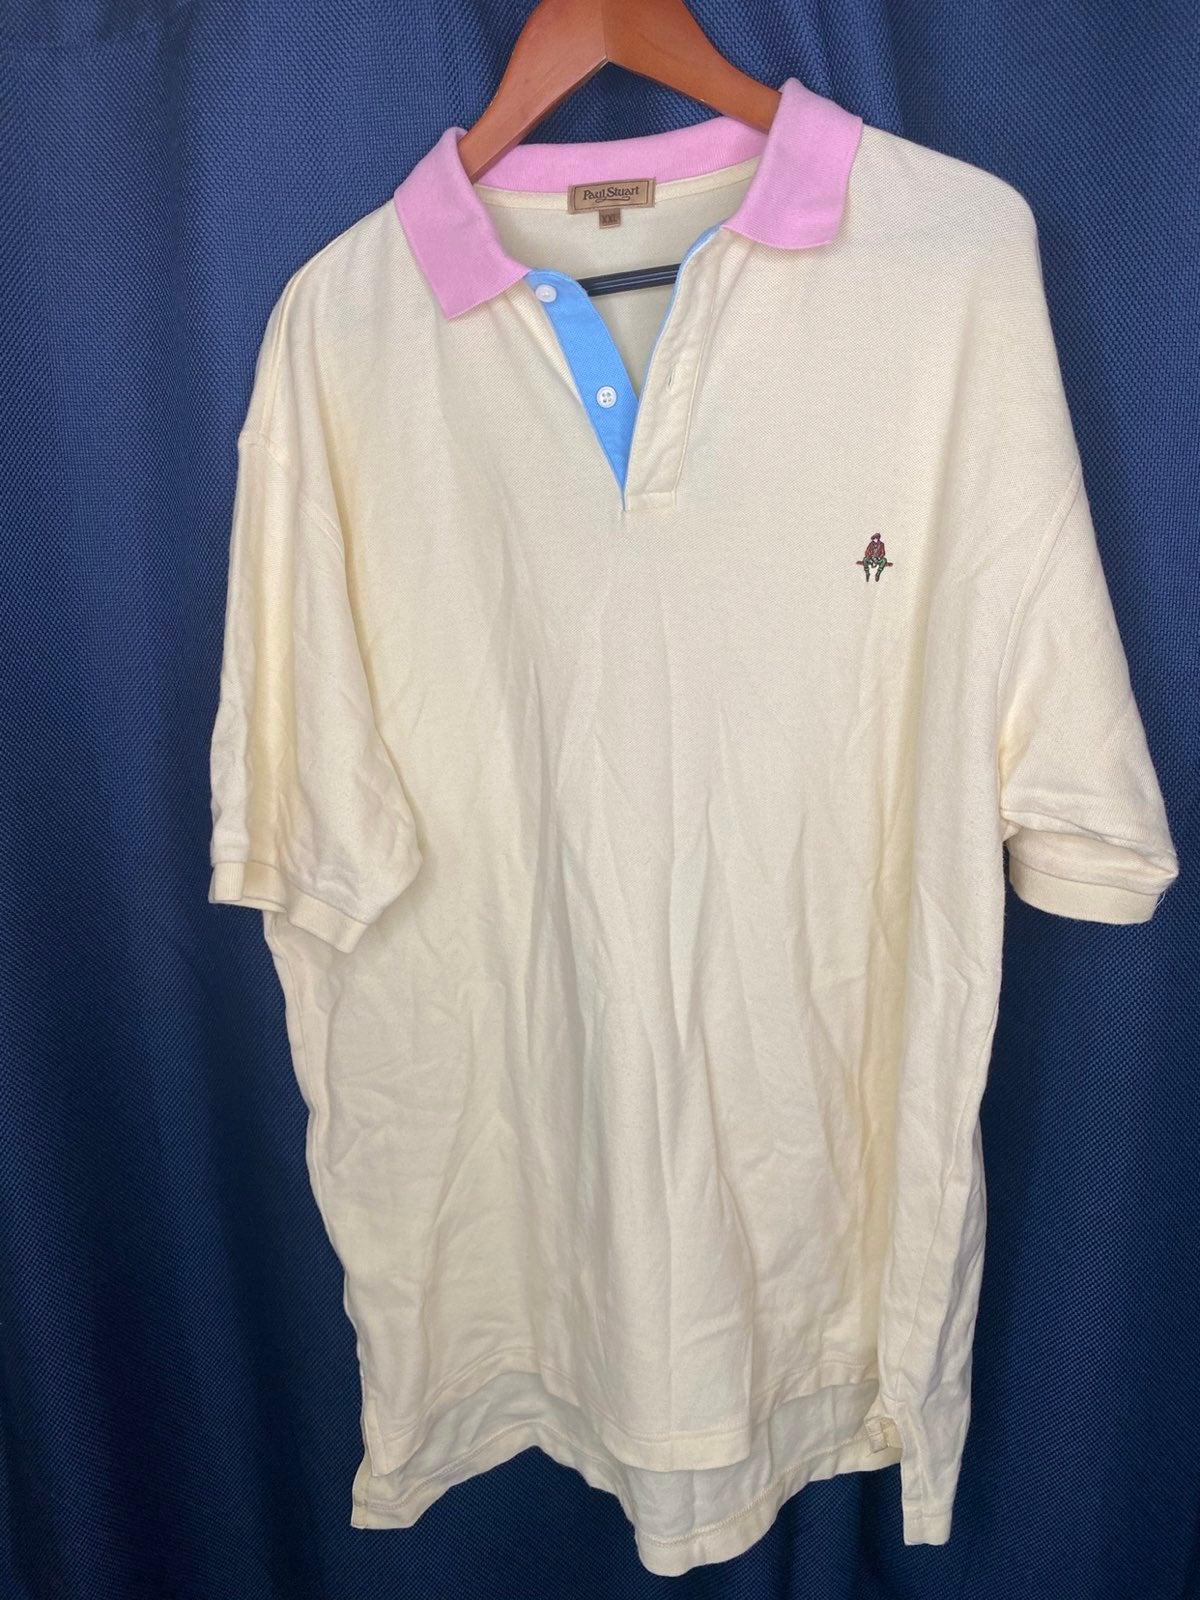 Paul Stuart Polo Shirt